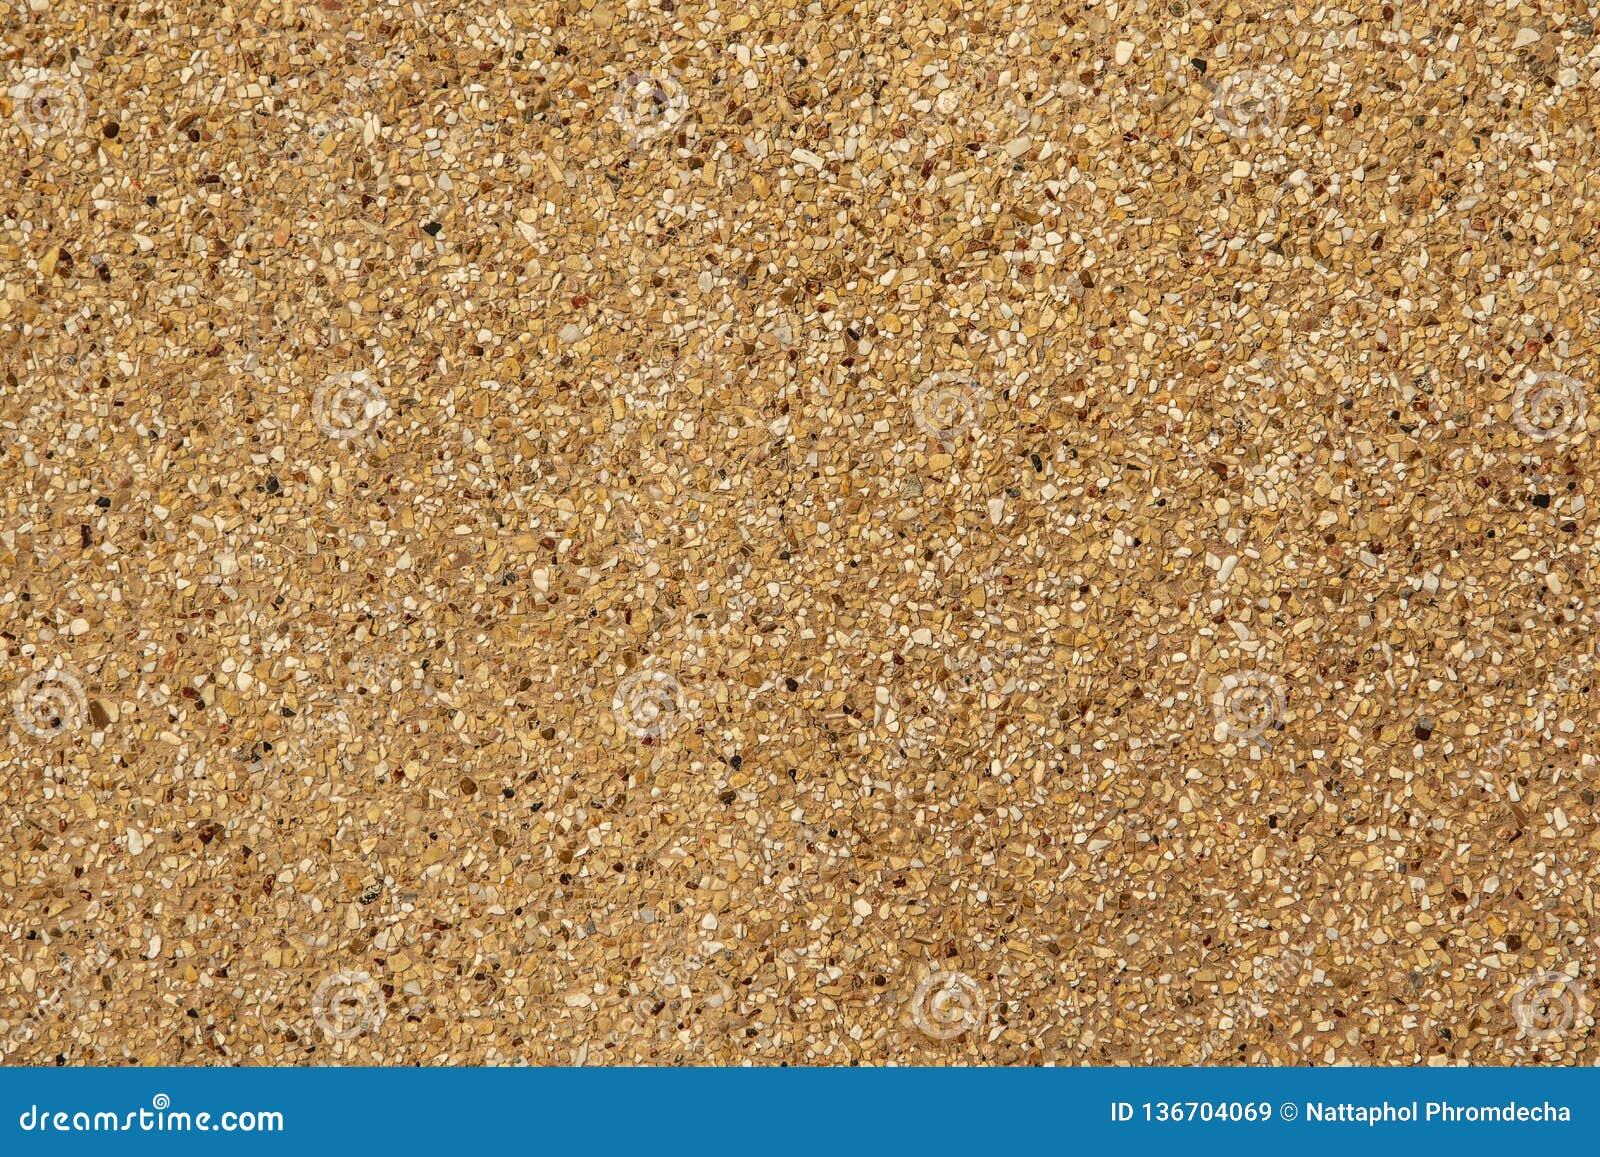 Подвергли действию агрегатная отделка Помытый песок Текстура и предпосылка